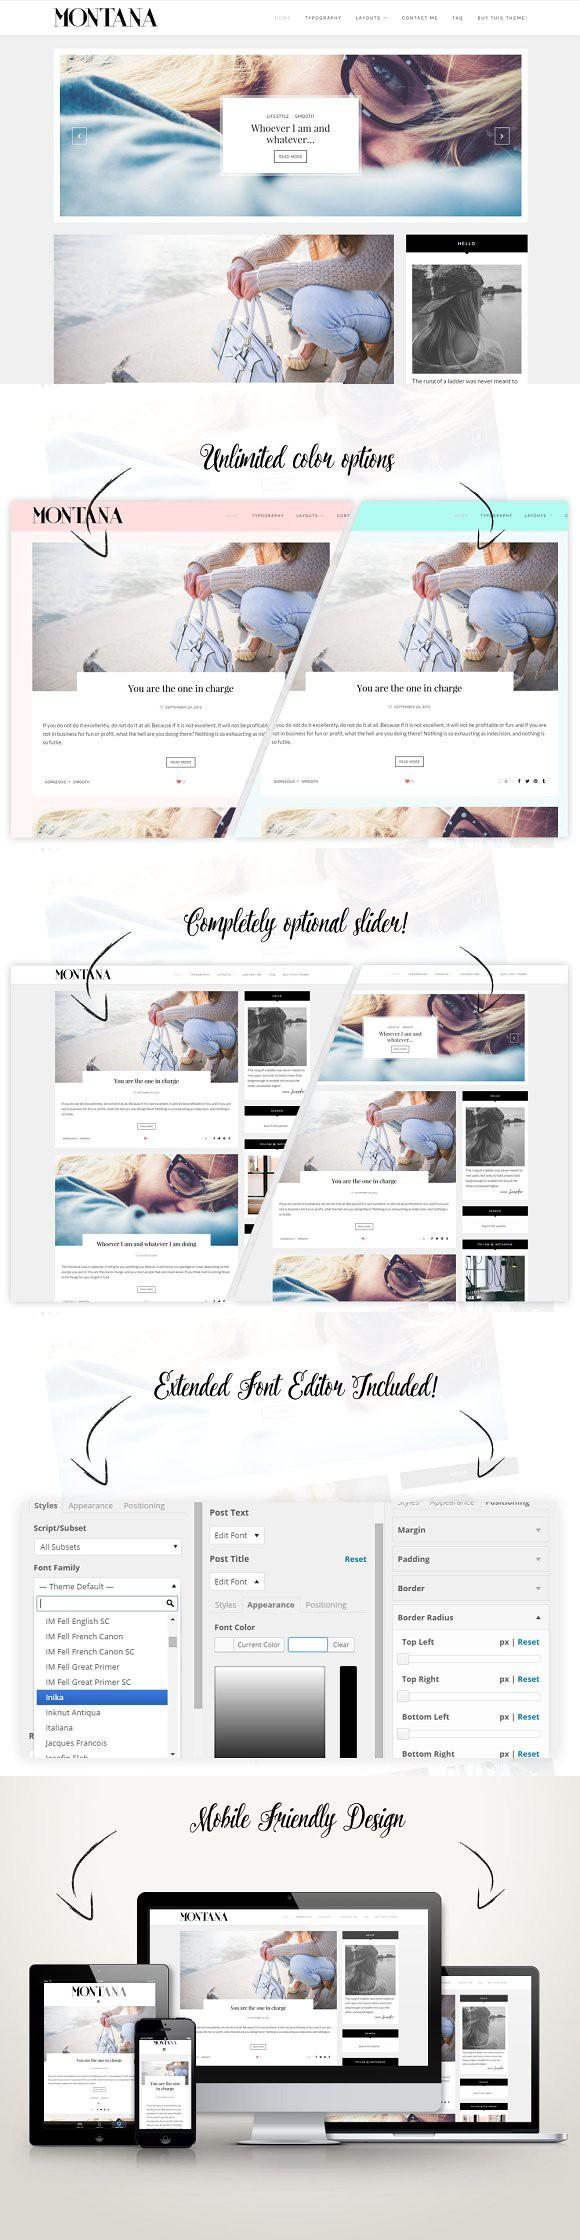 Clean Wordpress Blog - Montana. Tumblr Themes | Tumblr Themes ...